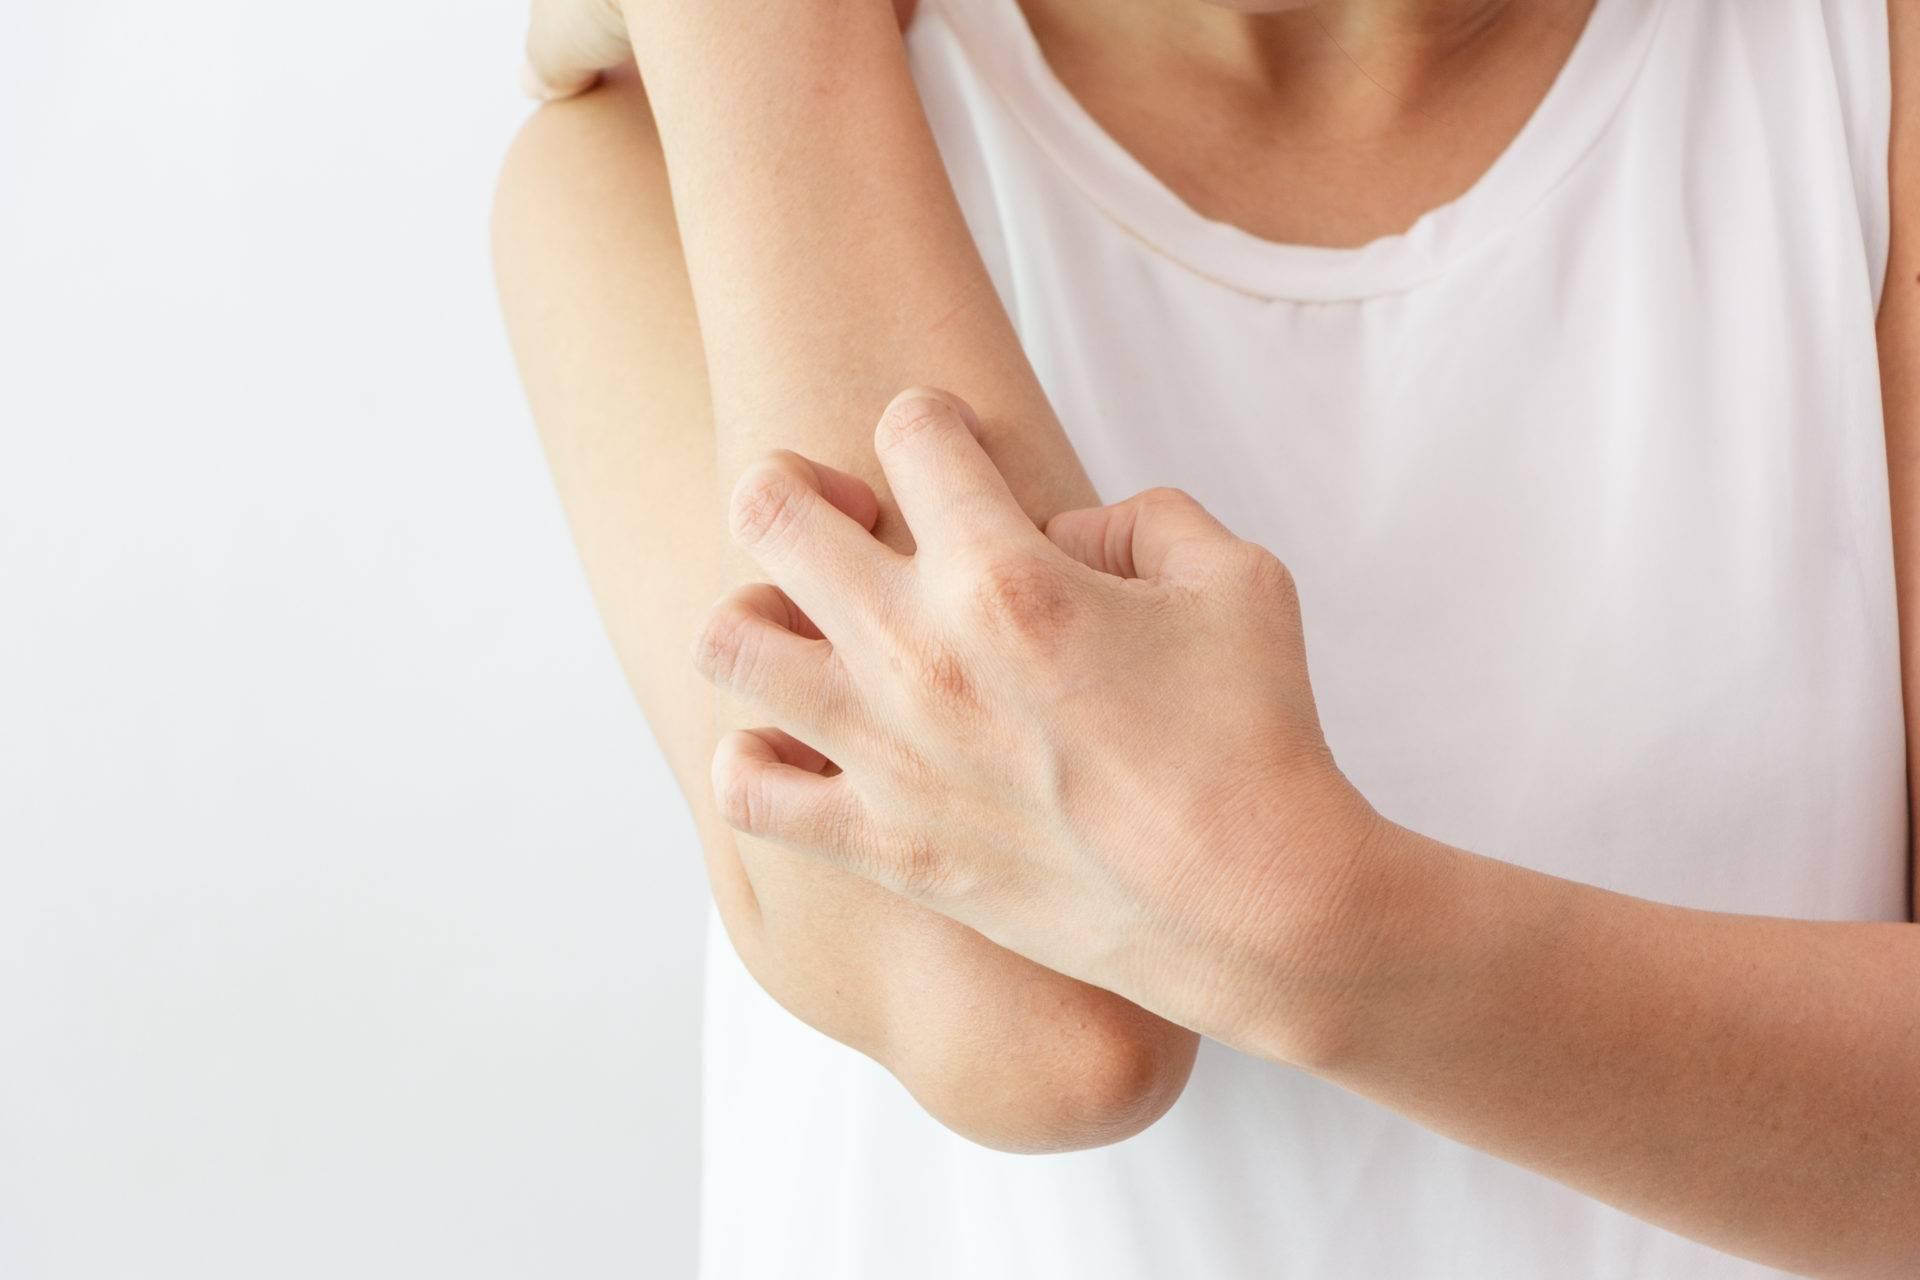 Зуд кожи тела при заболеваниях печени: лечение, причины, симптомы